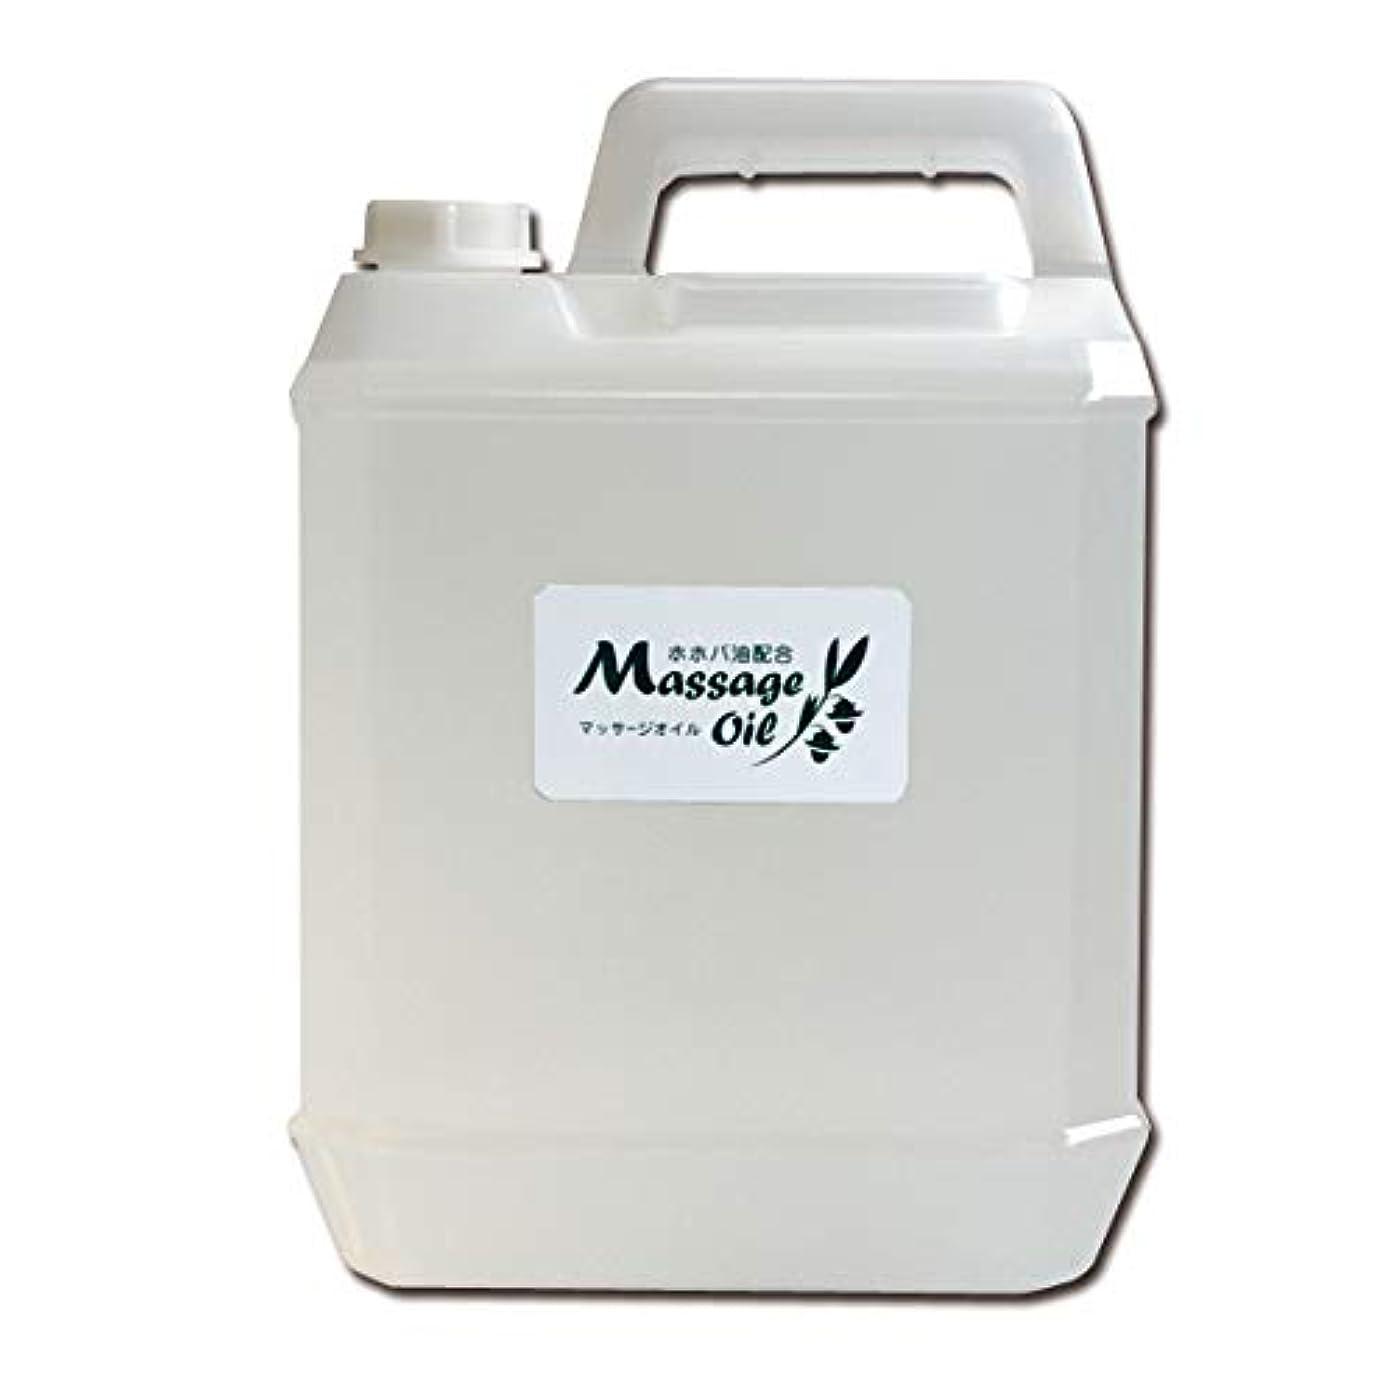 ニンニクまとめる要旨ホホバ油配合マッサージオイル 5L│エステ店御用達のプロ仕様業務用マッサージオイル 大容量 ホホバオイル